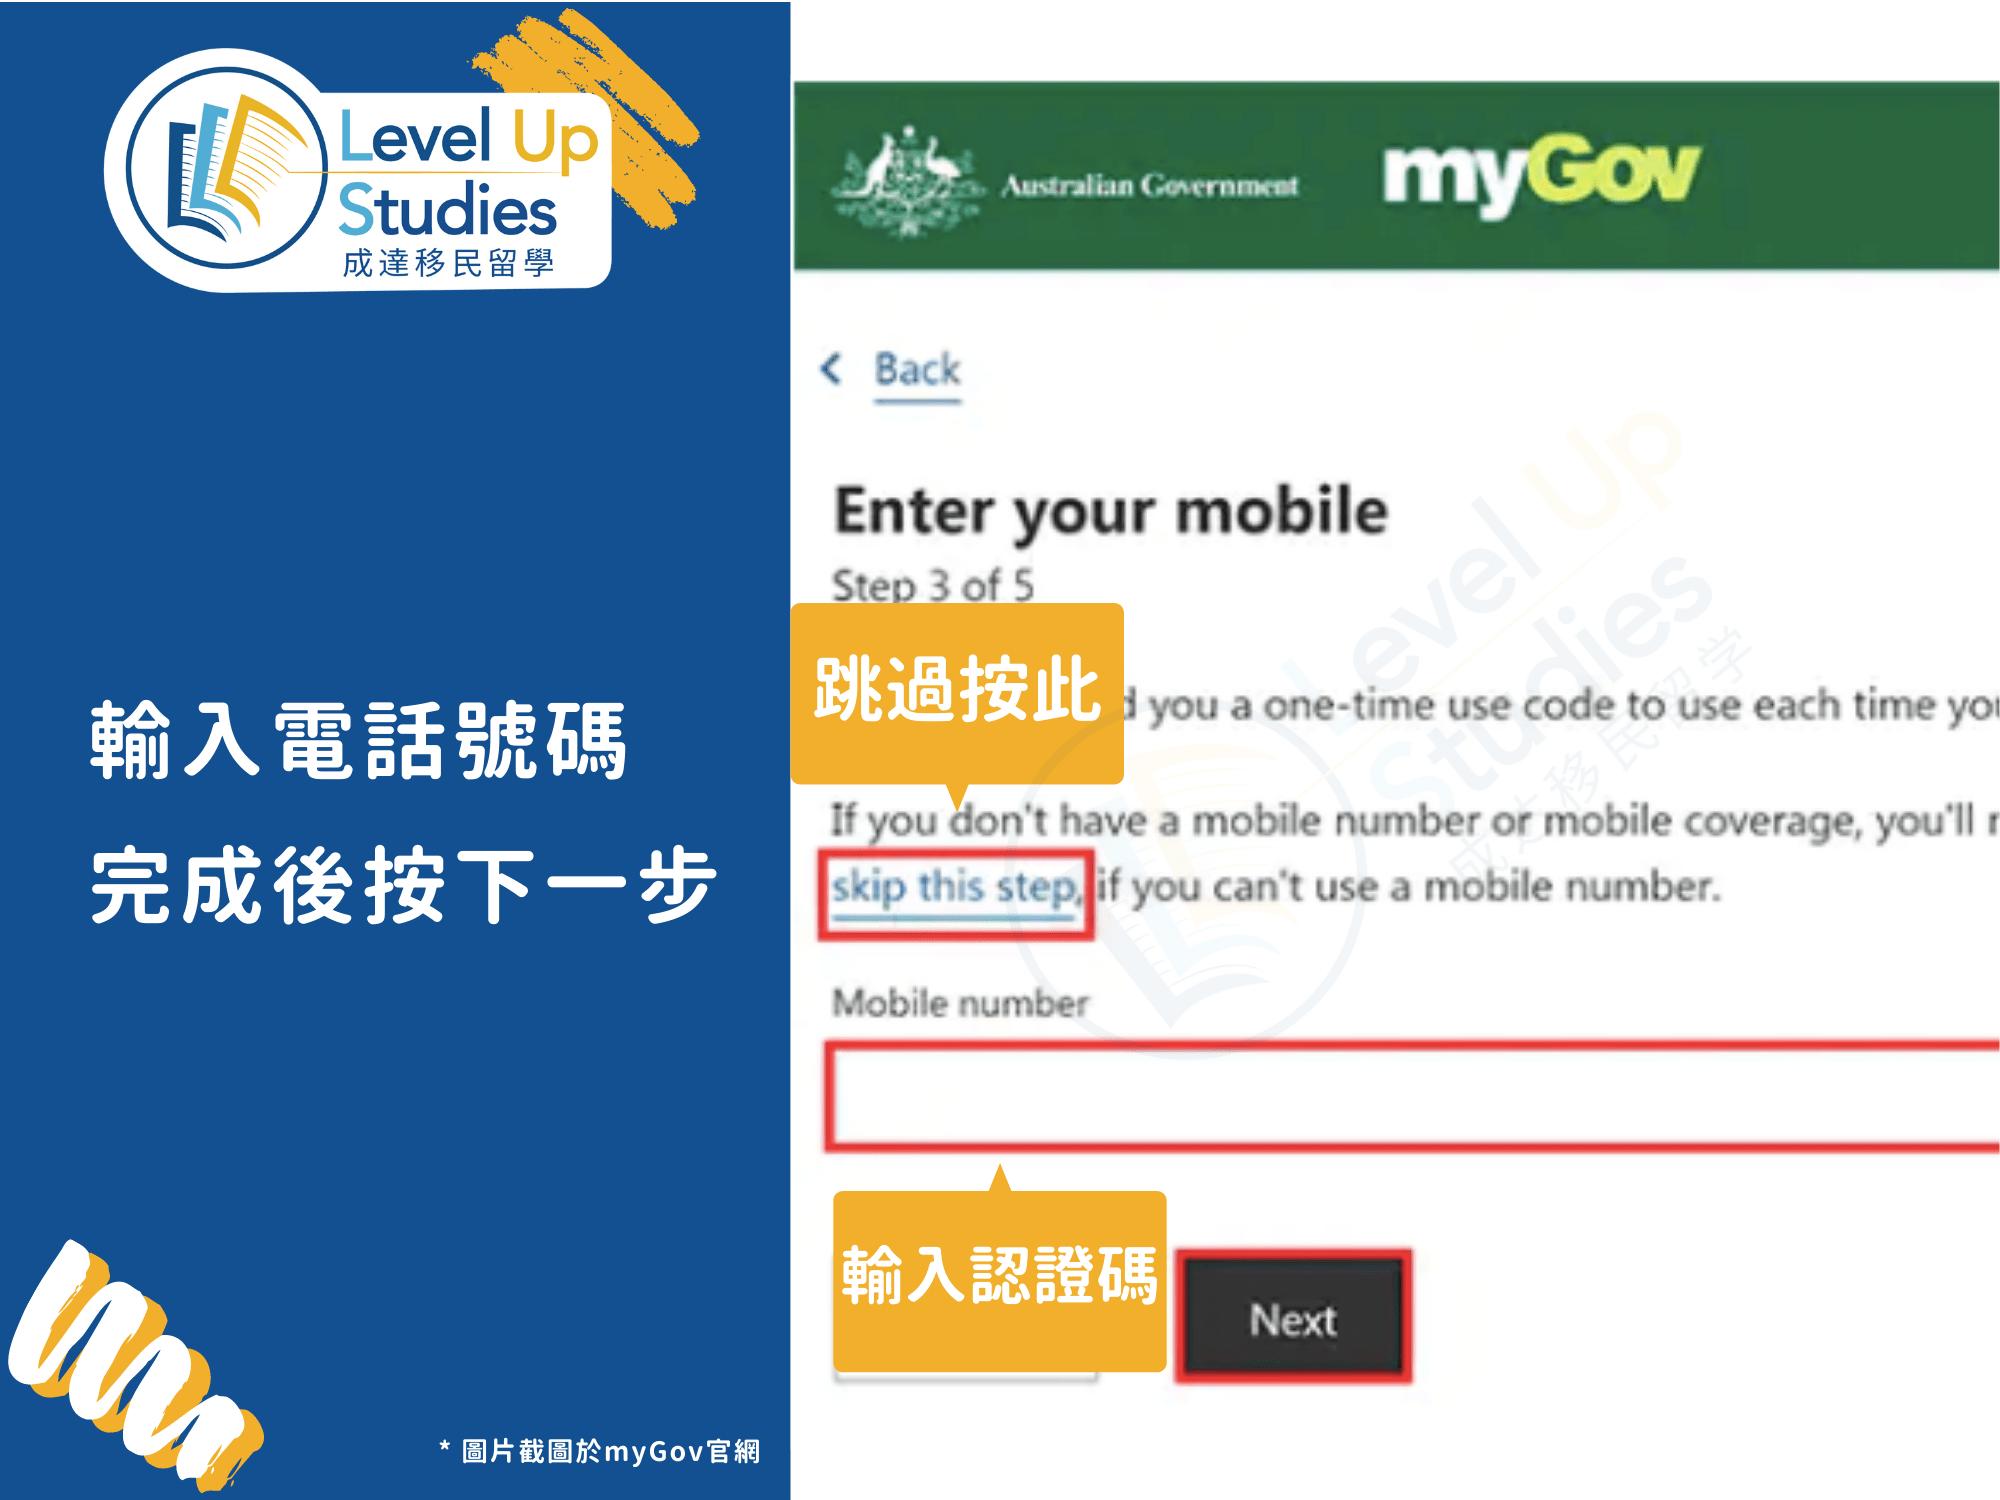 myGov澳洲退稅